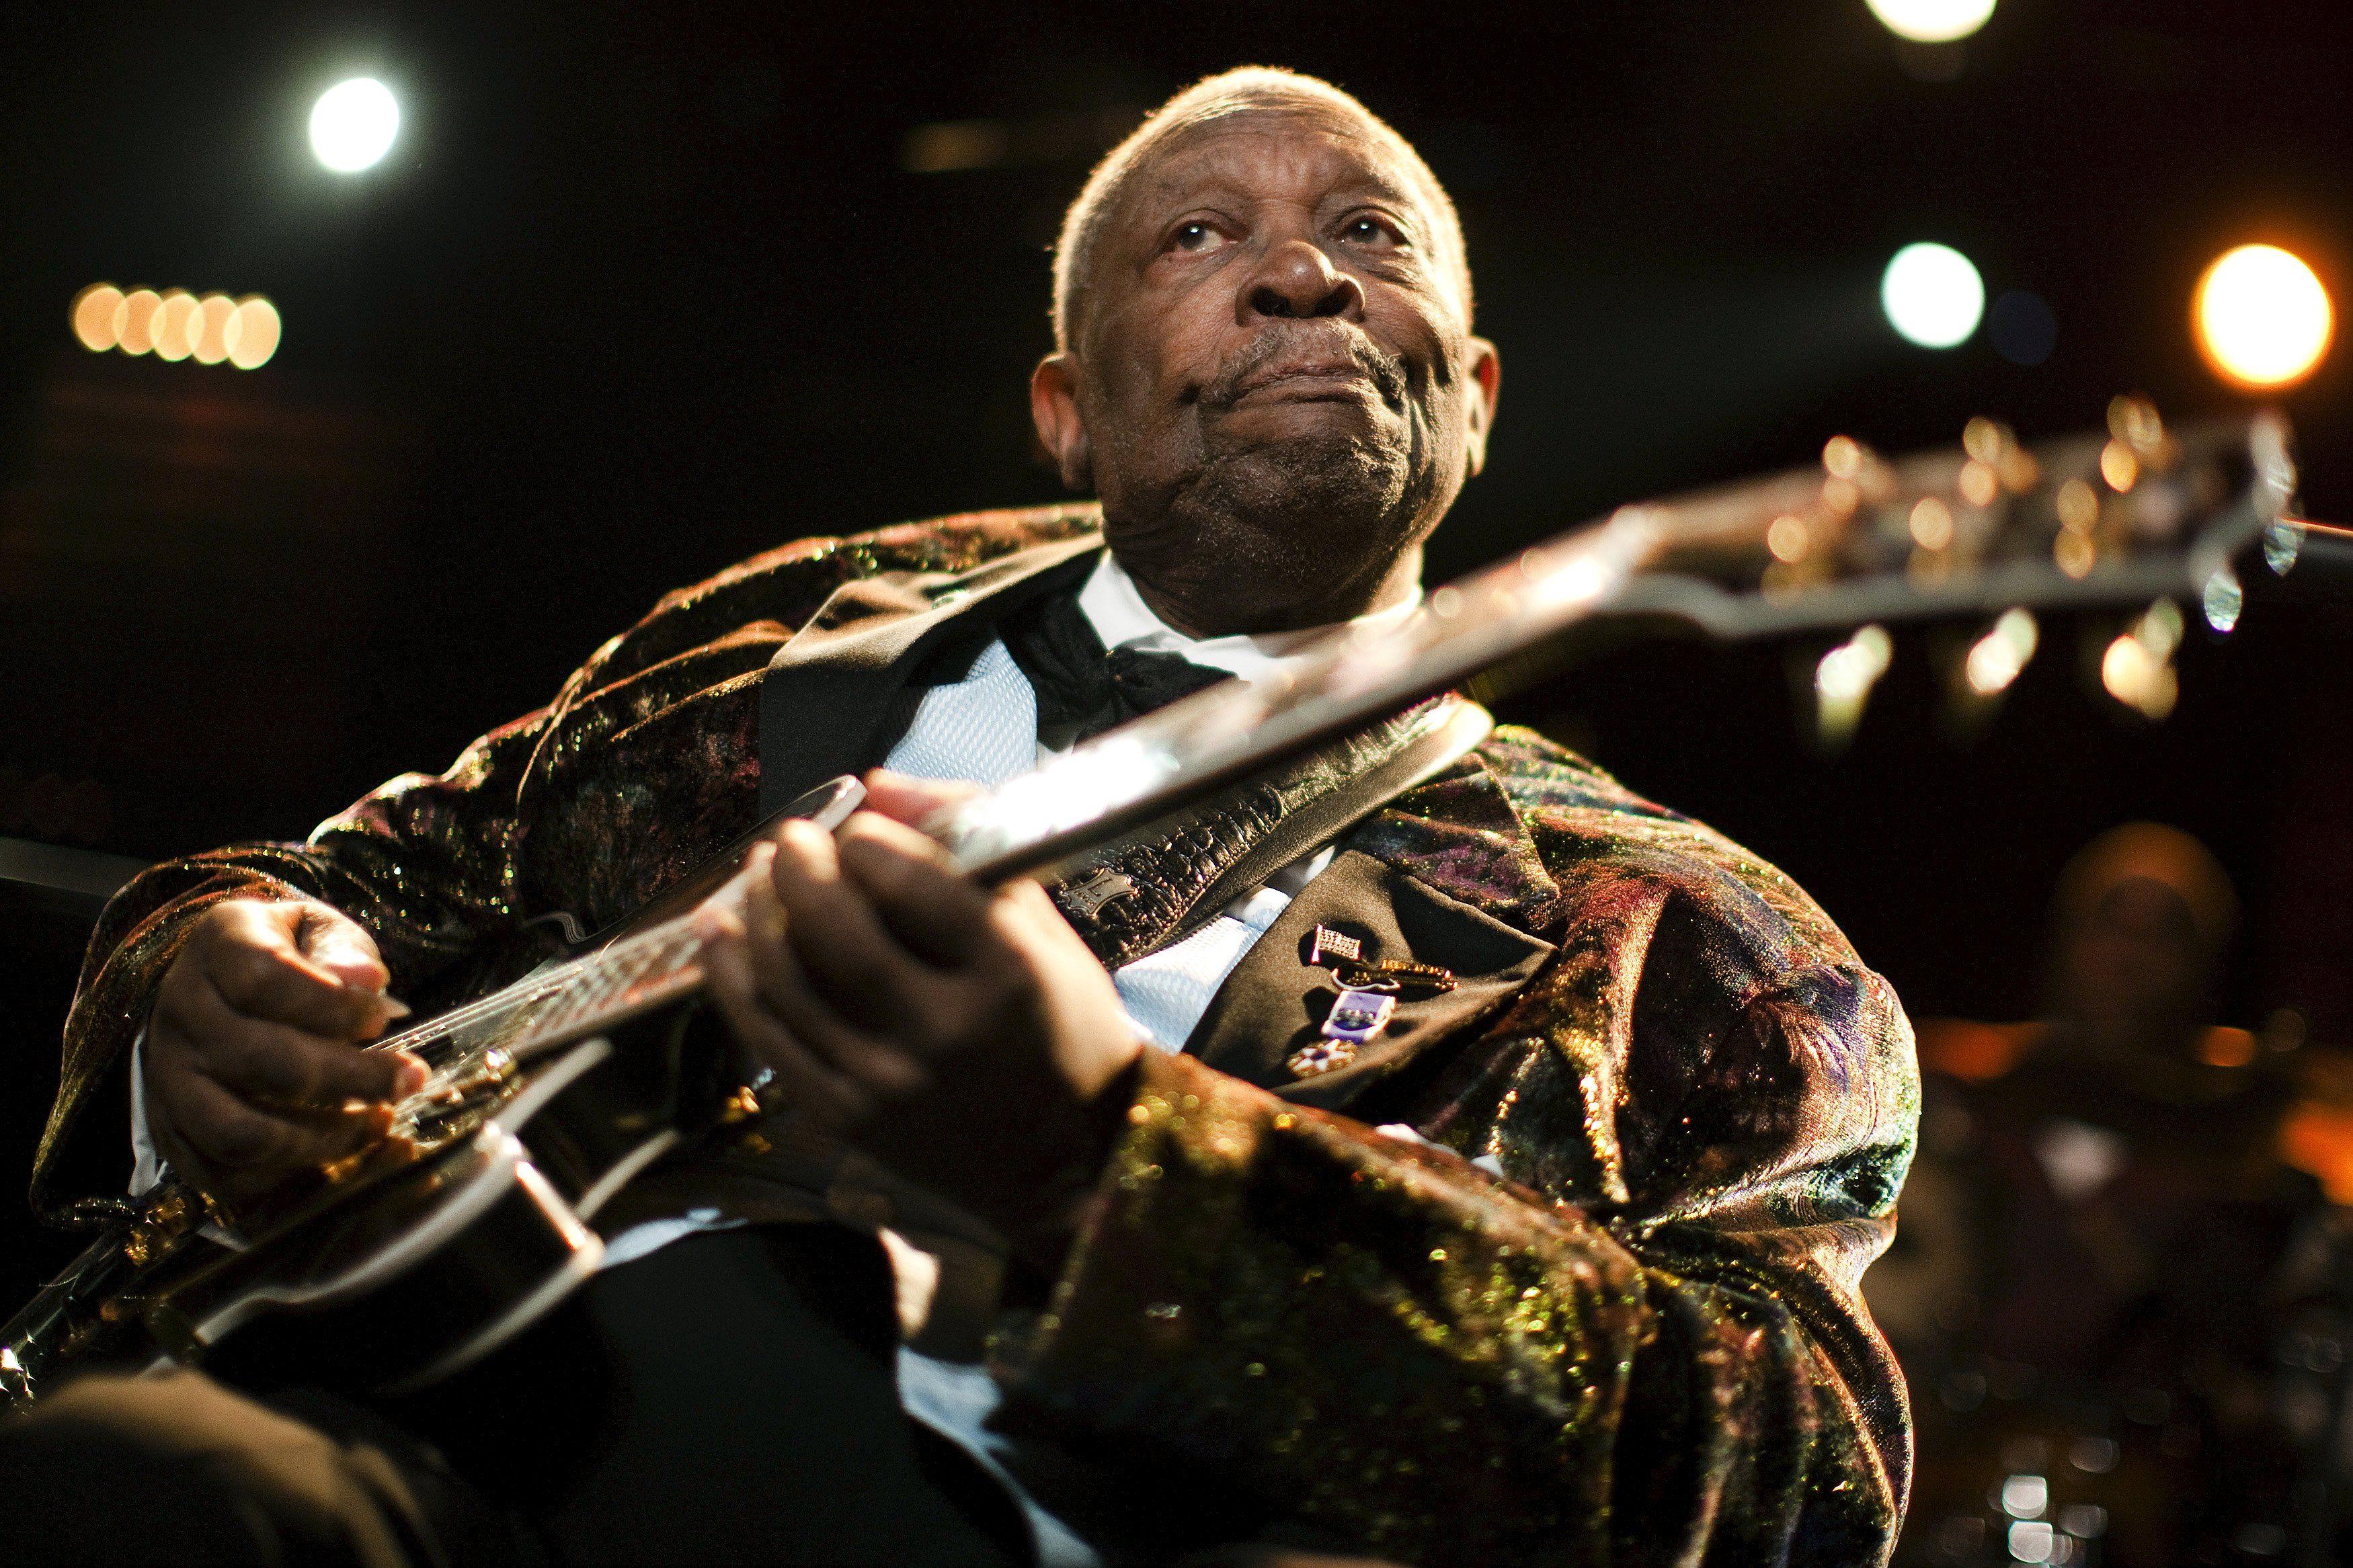 King durante su presentación en el Festival de Jazz de Montreaux. Fue el 2 de julio de 2011. (Foto: Reuters)